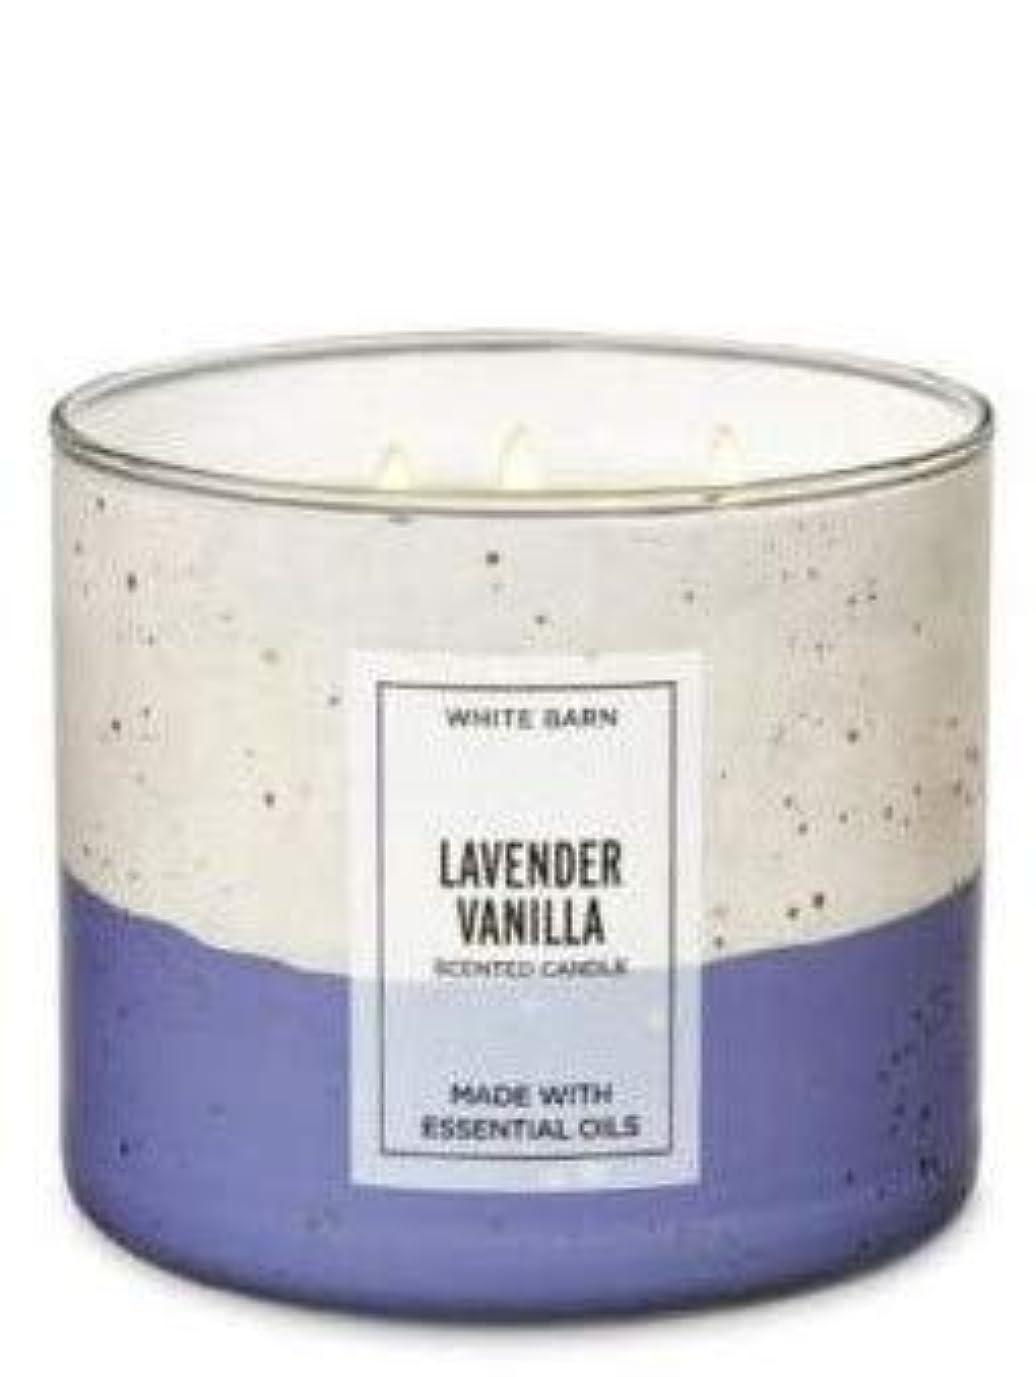 抽出錆び願望【Bath&Body Works/バス&ボディワークス】 アロマキャンドル ラベンダーバニラ 3-Wick Scented Candle Lavender Vanilla 14.5oz/411g [並行輸入品]